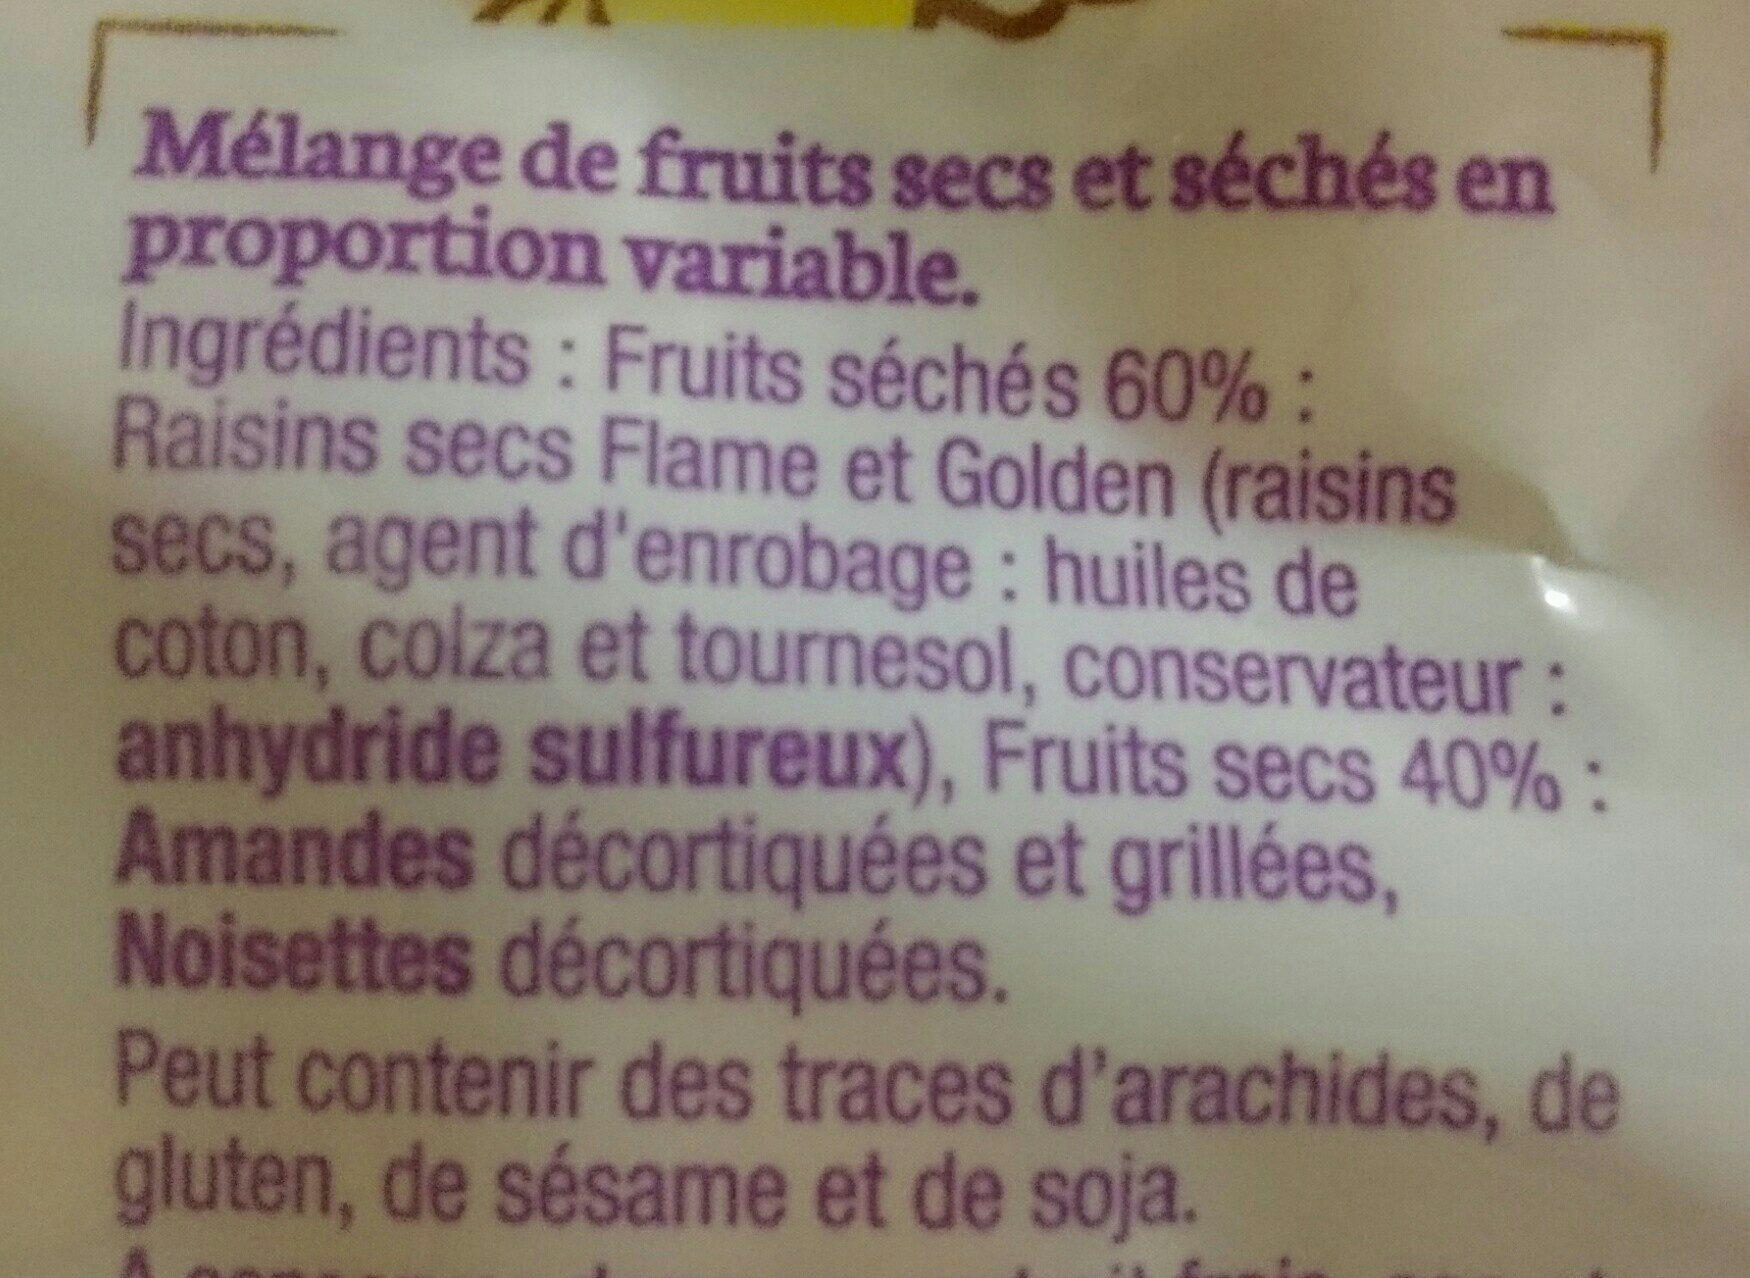 Croquandises - 3 Fruits Amandes Grillées, Raisins, Noisettes - Ingrédients